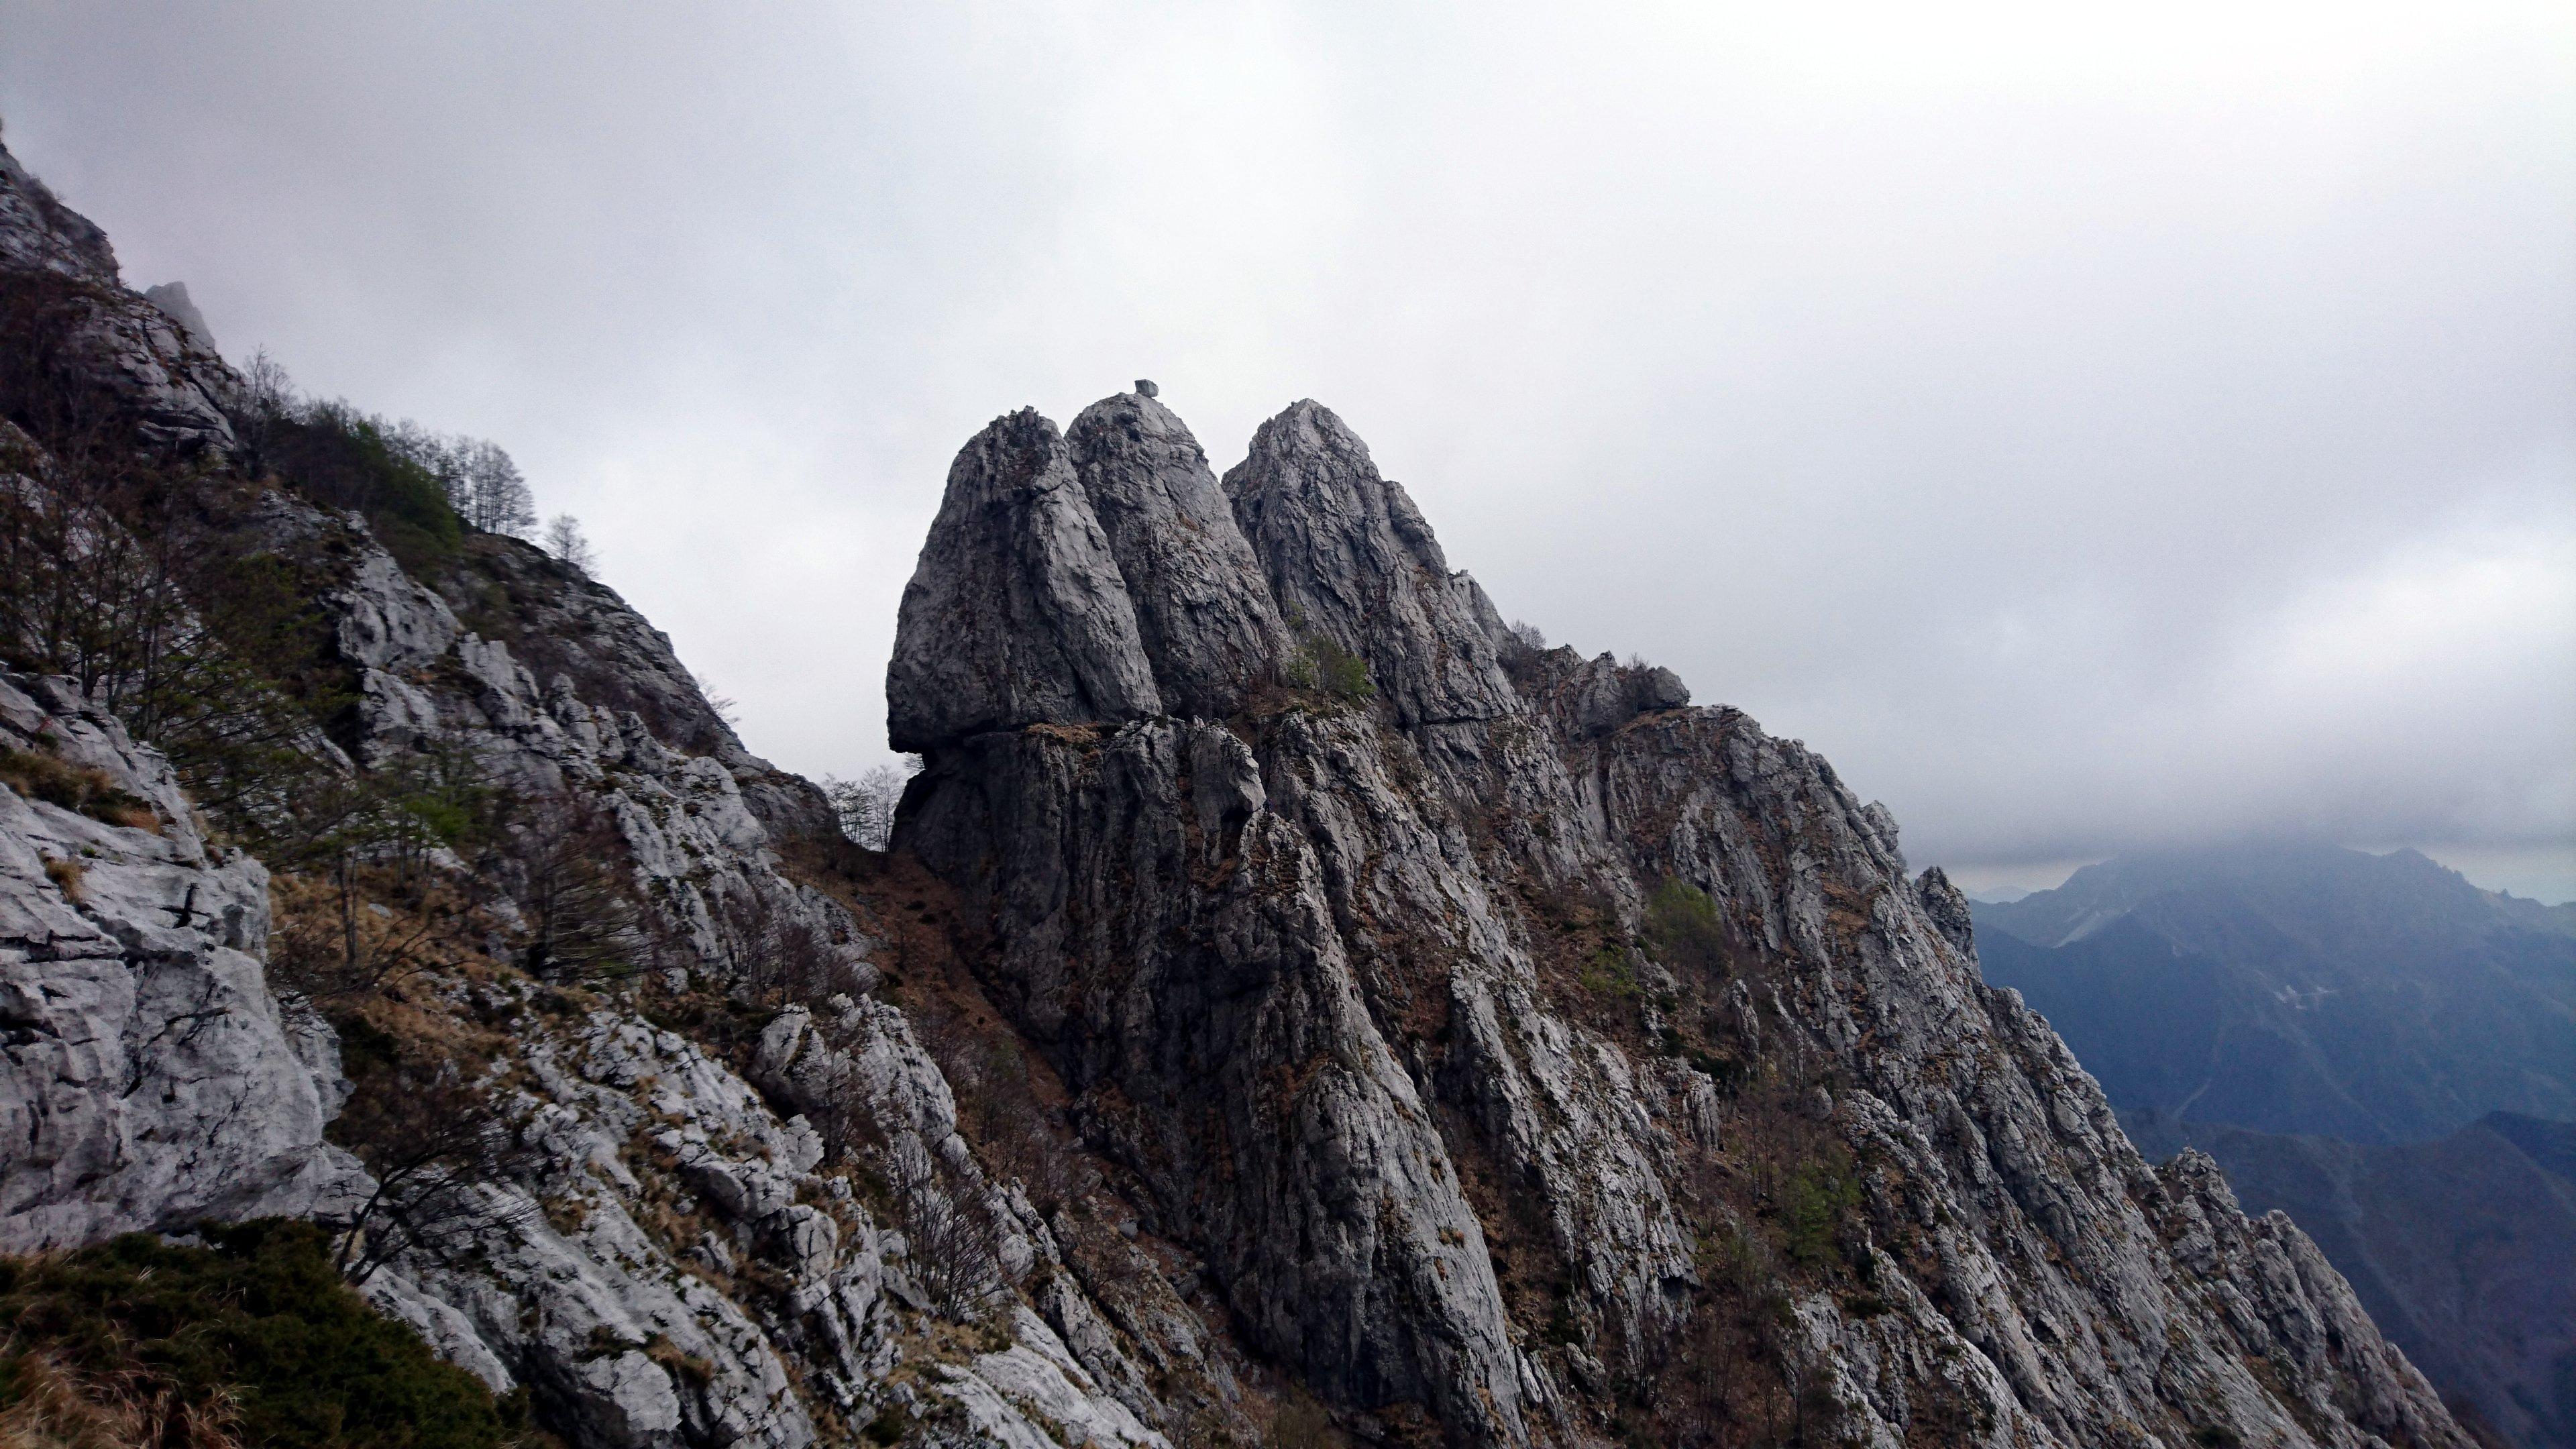 Vista di quello che dovrebbe essere il Torrione Figari, dove c'è sicuramente un altra via di arrampicata perché abbiamo visto un'altra cordata che ci saliva